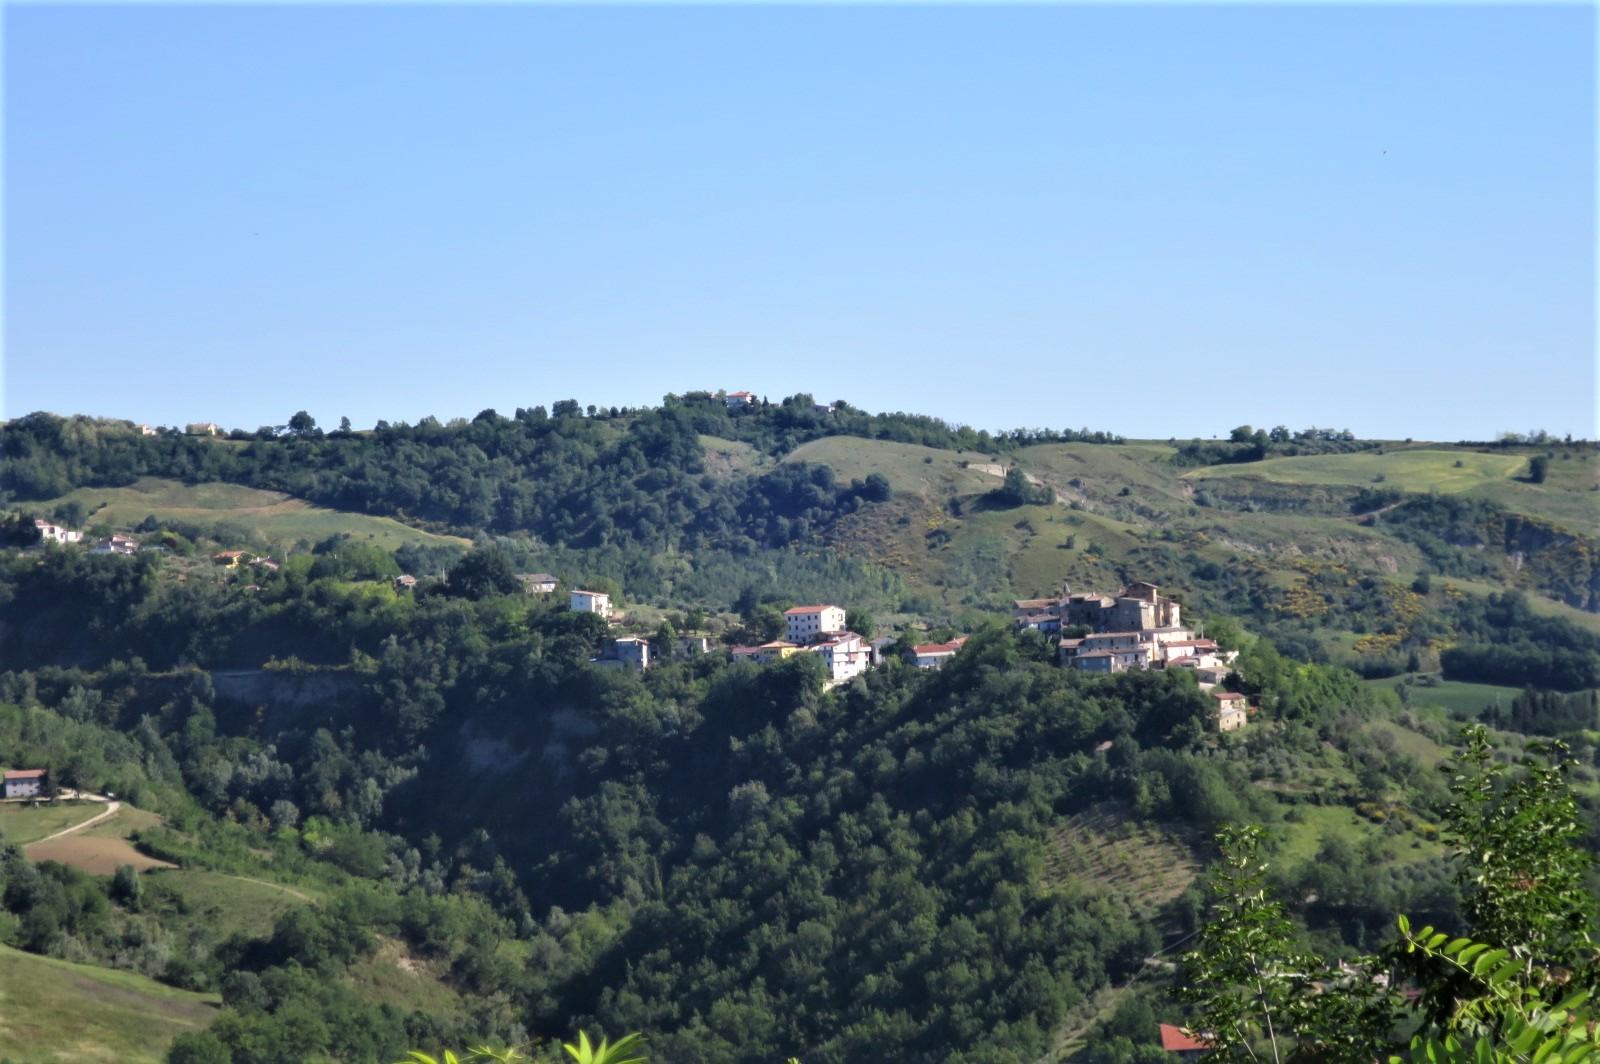 Country Houses Country Houses for sale Castiglione Messer Raimondo (TE), Casa Paradiso - Castiglione Messer Raimondo - EUR 181.096 640